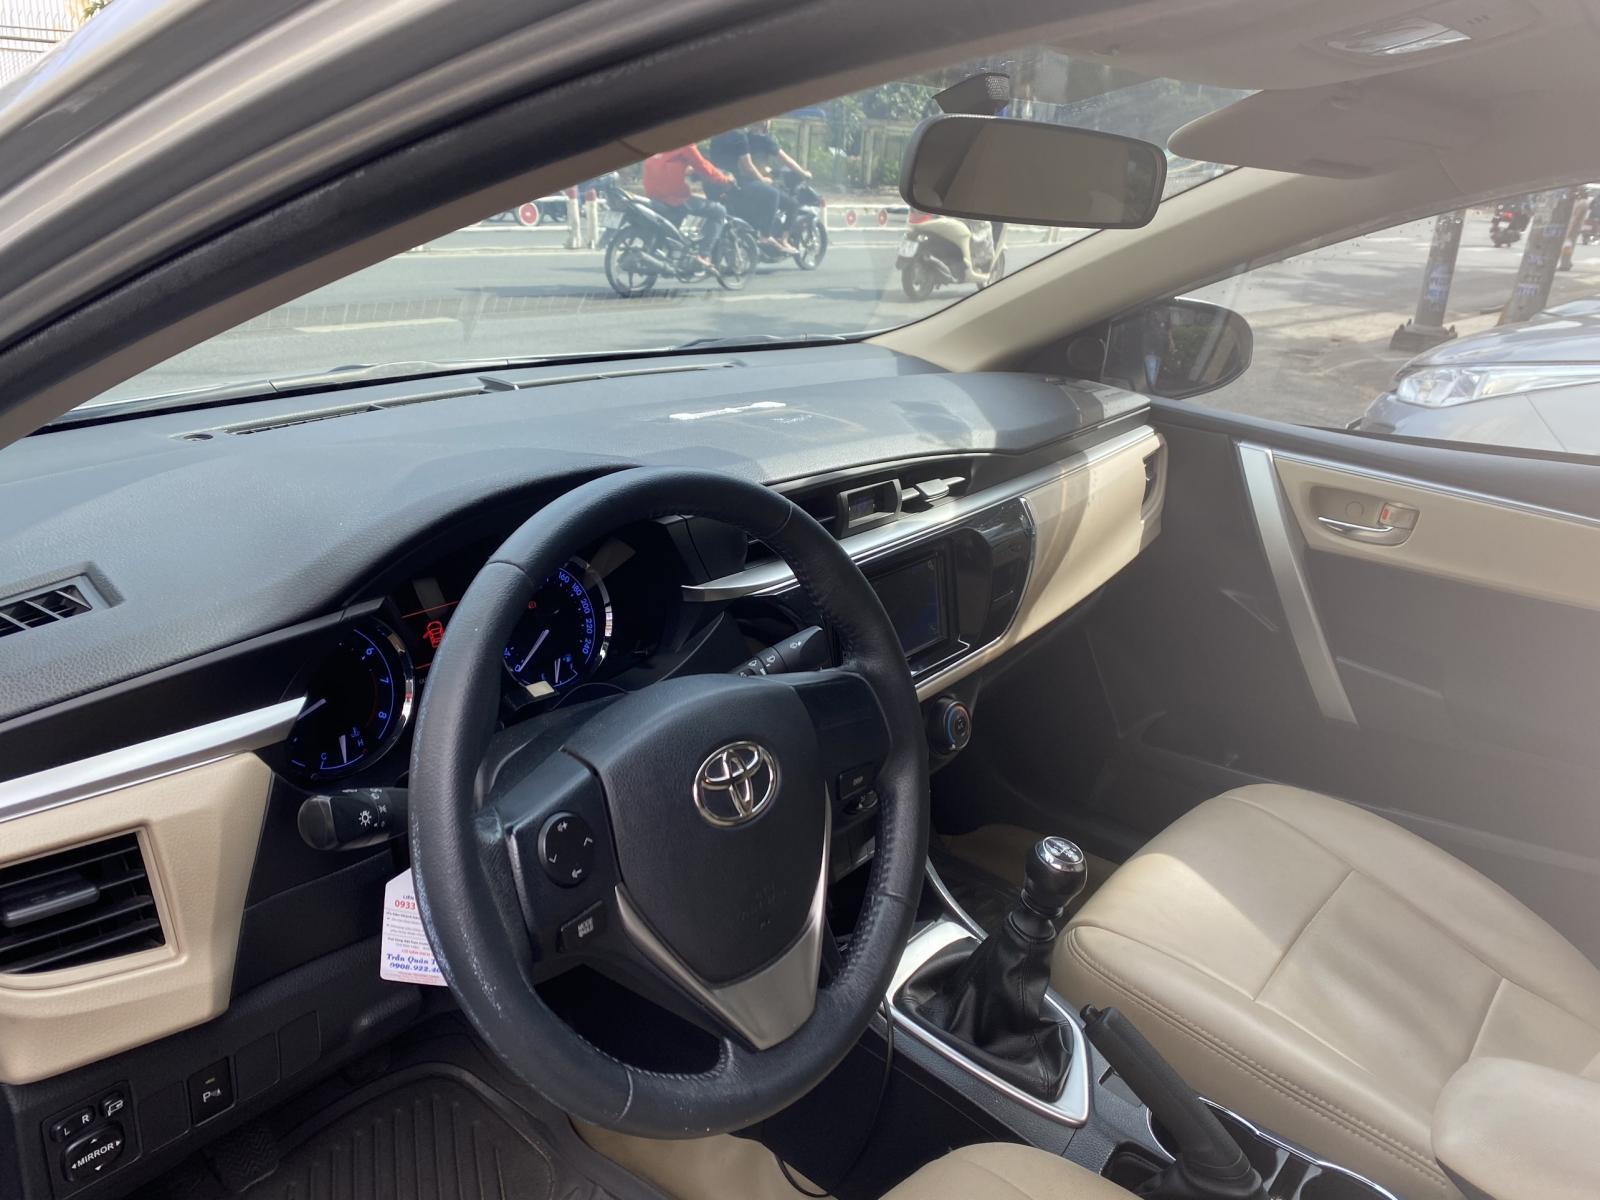 Bán xe Altis số sàn sx 2015 màu bạc chạy 73.000 km, xe gia đình chất khừ